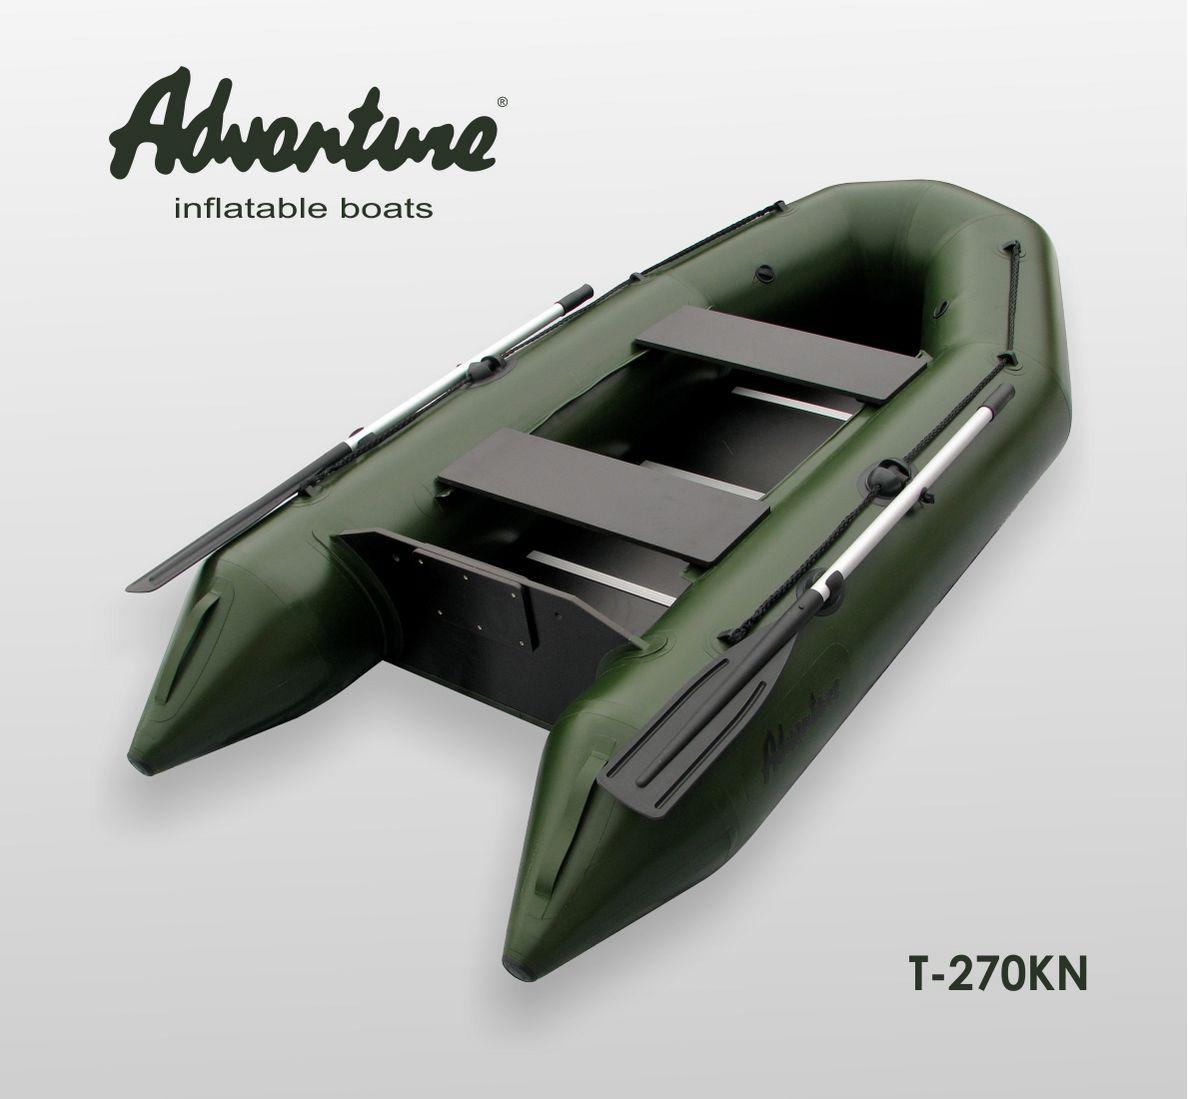 Надувная лодка Adventure T-270KN - фото 1